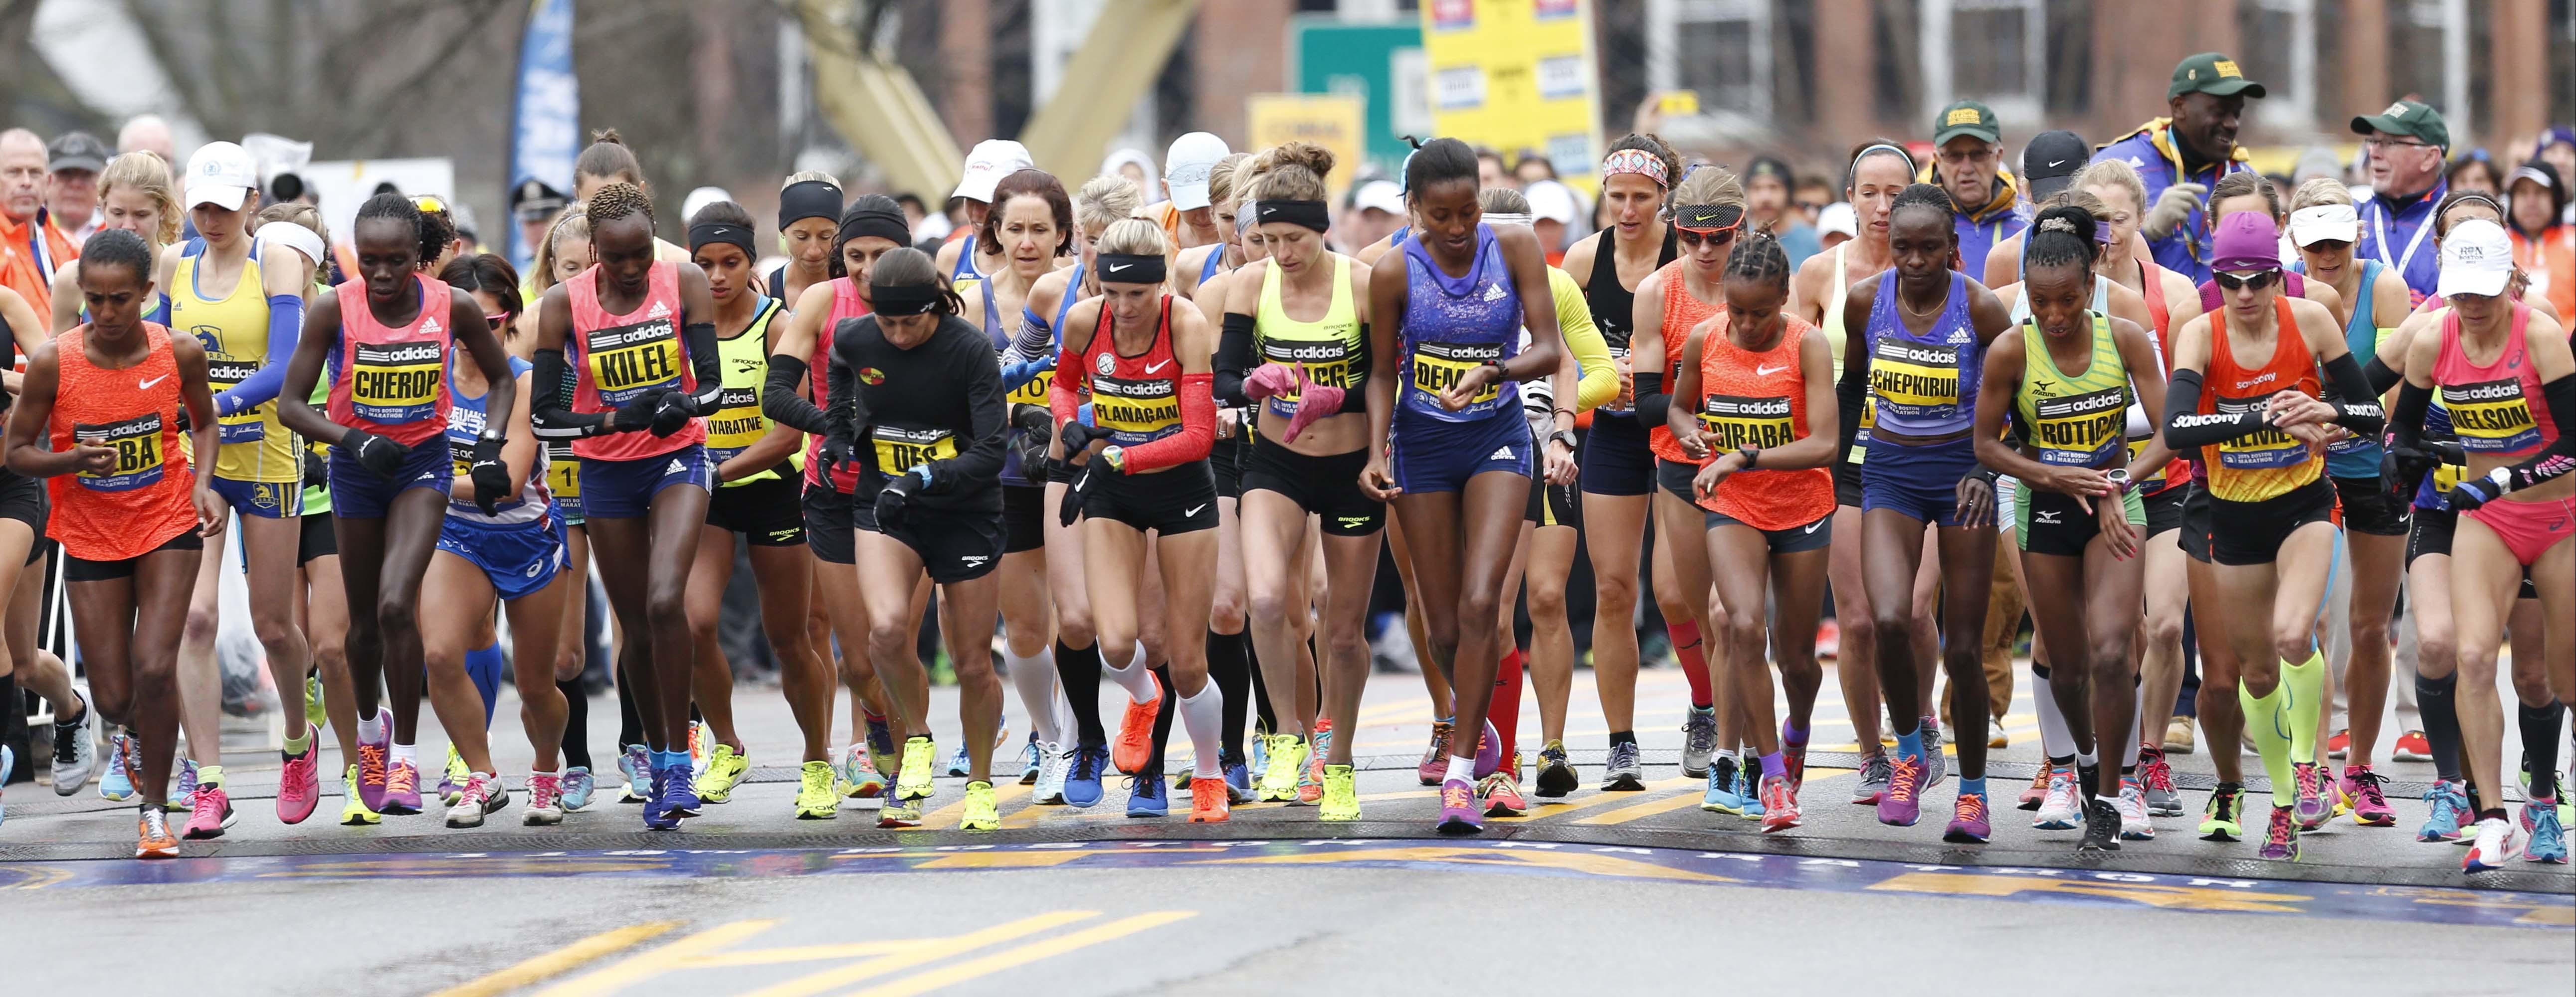 The elite women's group at the start of the Boston Marathon Monday